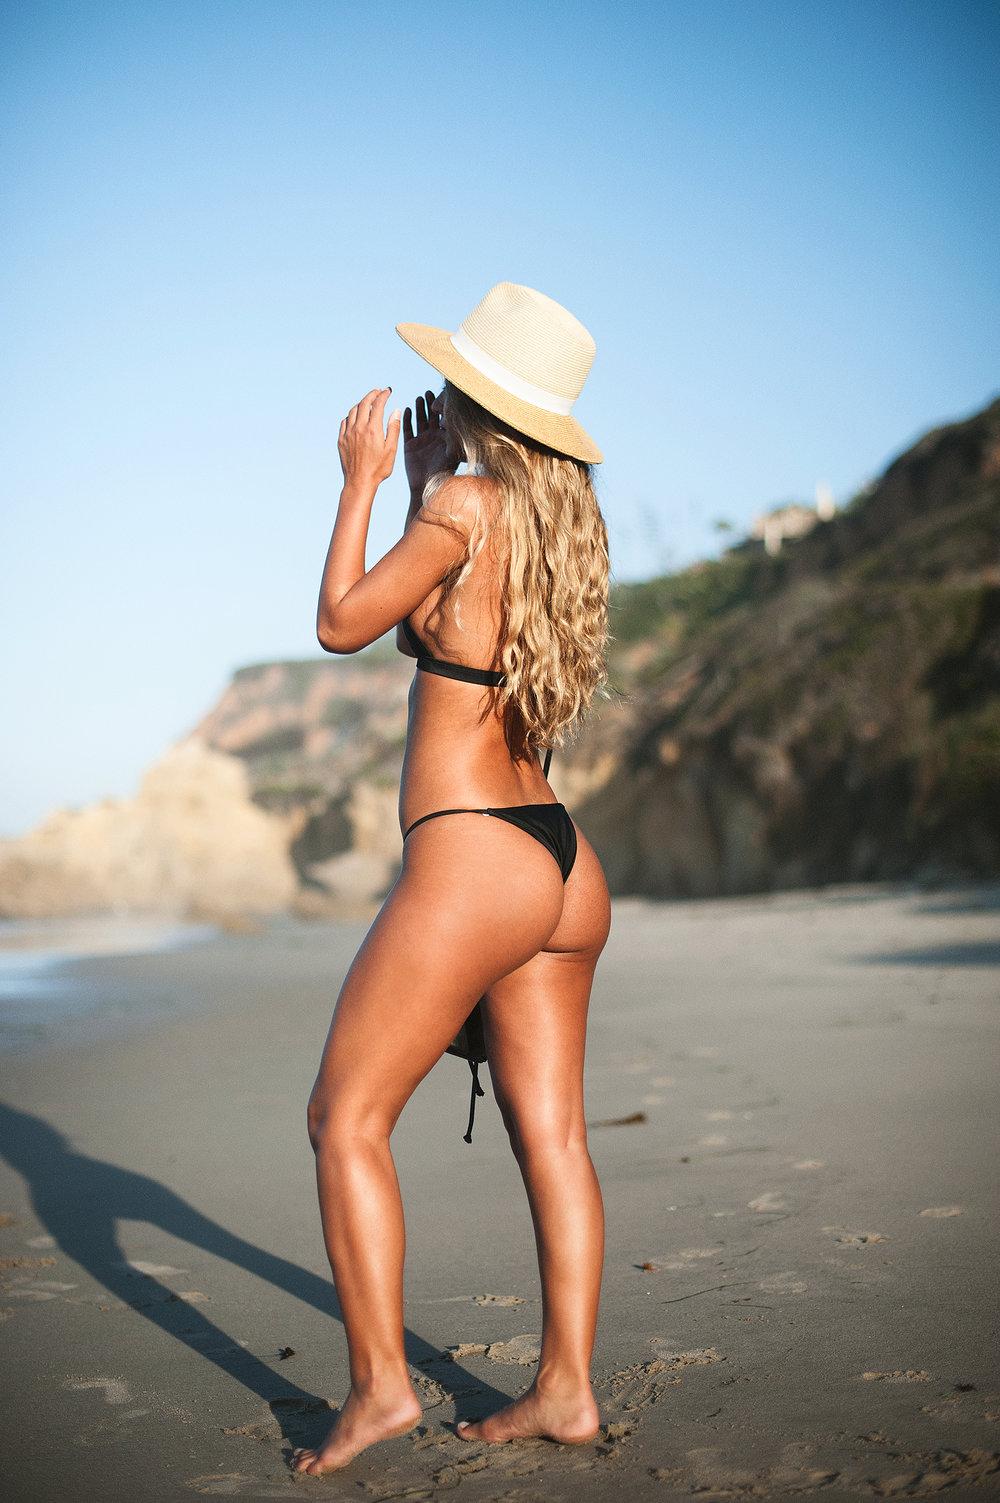 beachbody_16.jpg